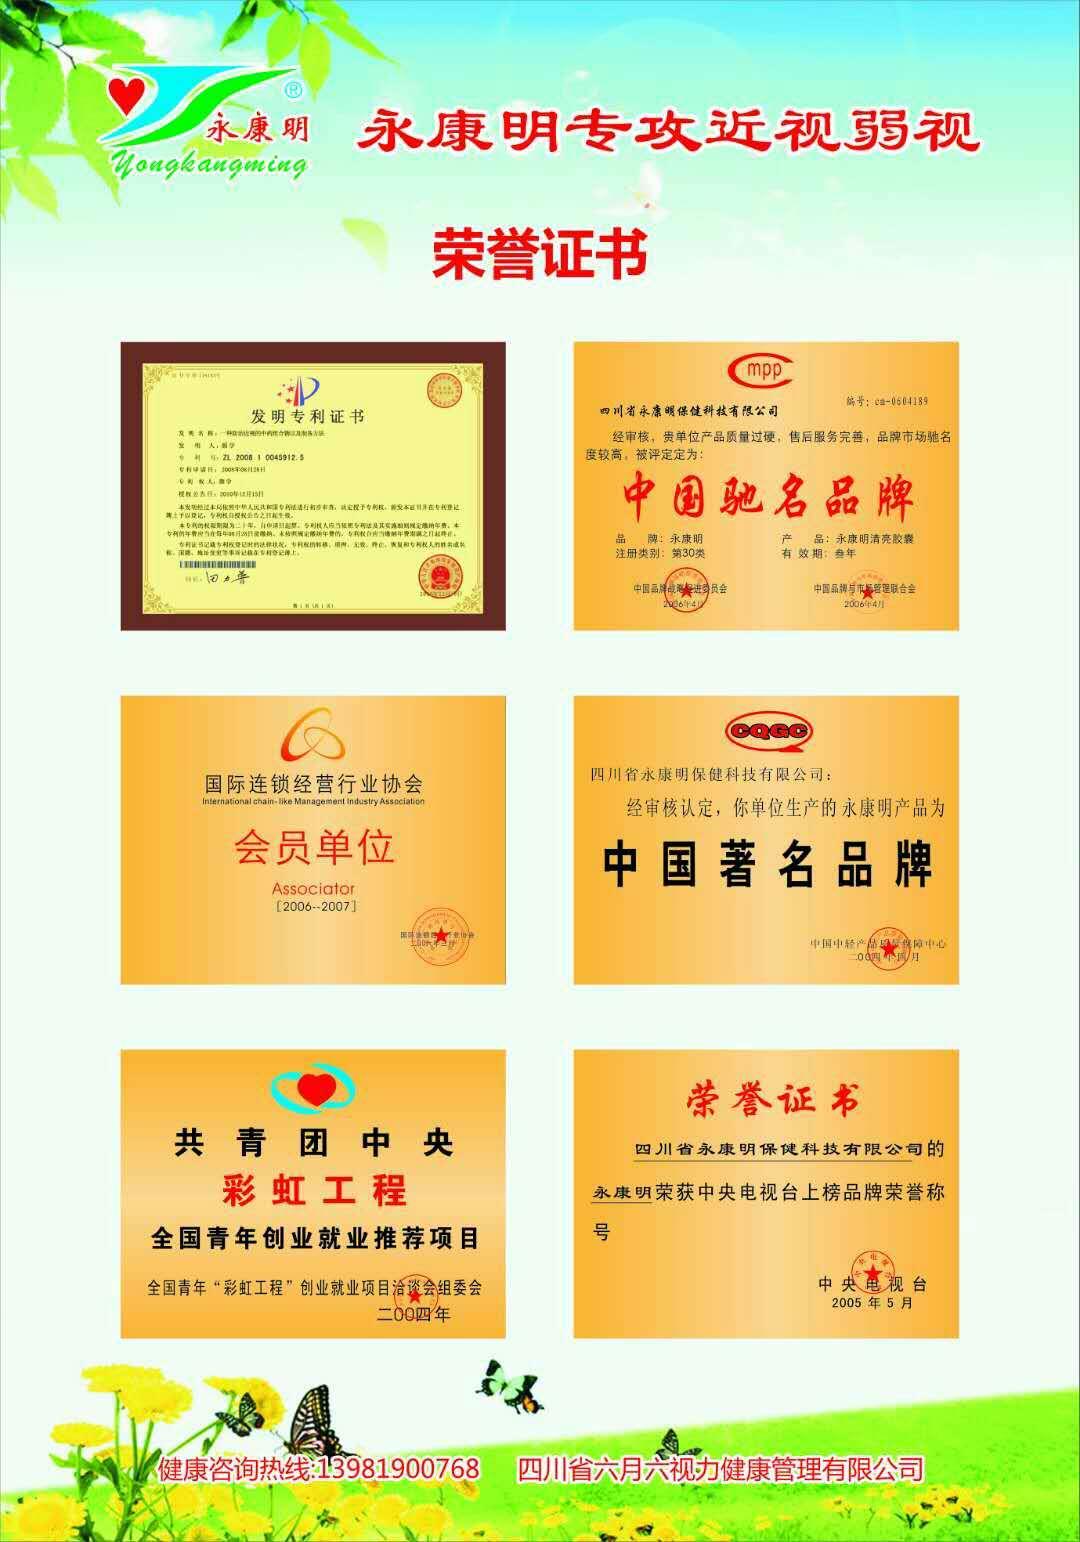 永康明展板|永康明整體自然療法-四川省六月六視力健康管理有限公司